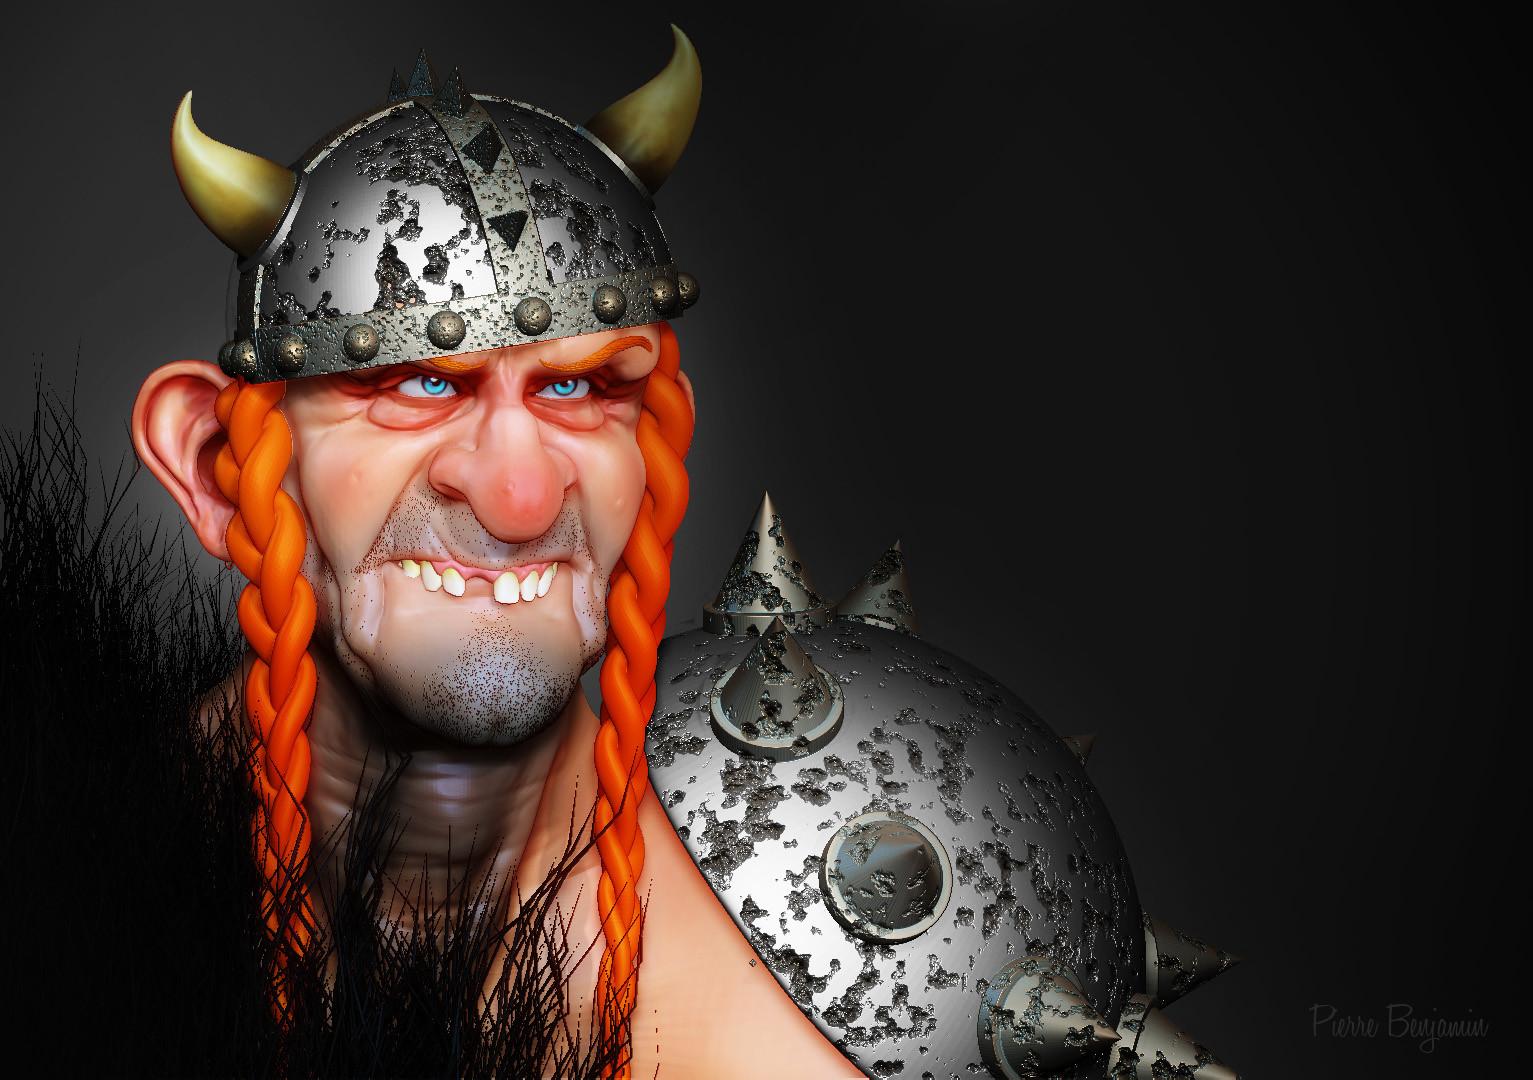 Pierre benjamin dude viking funny 005